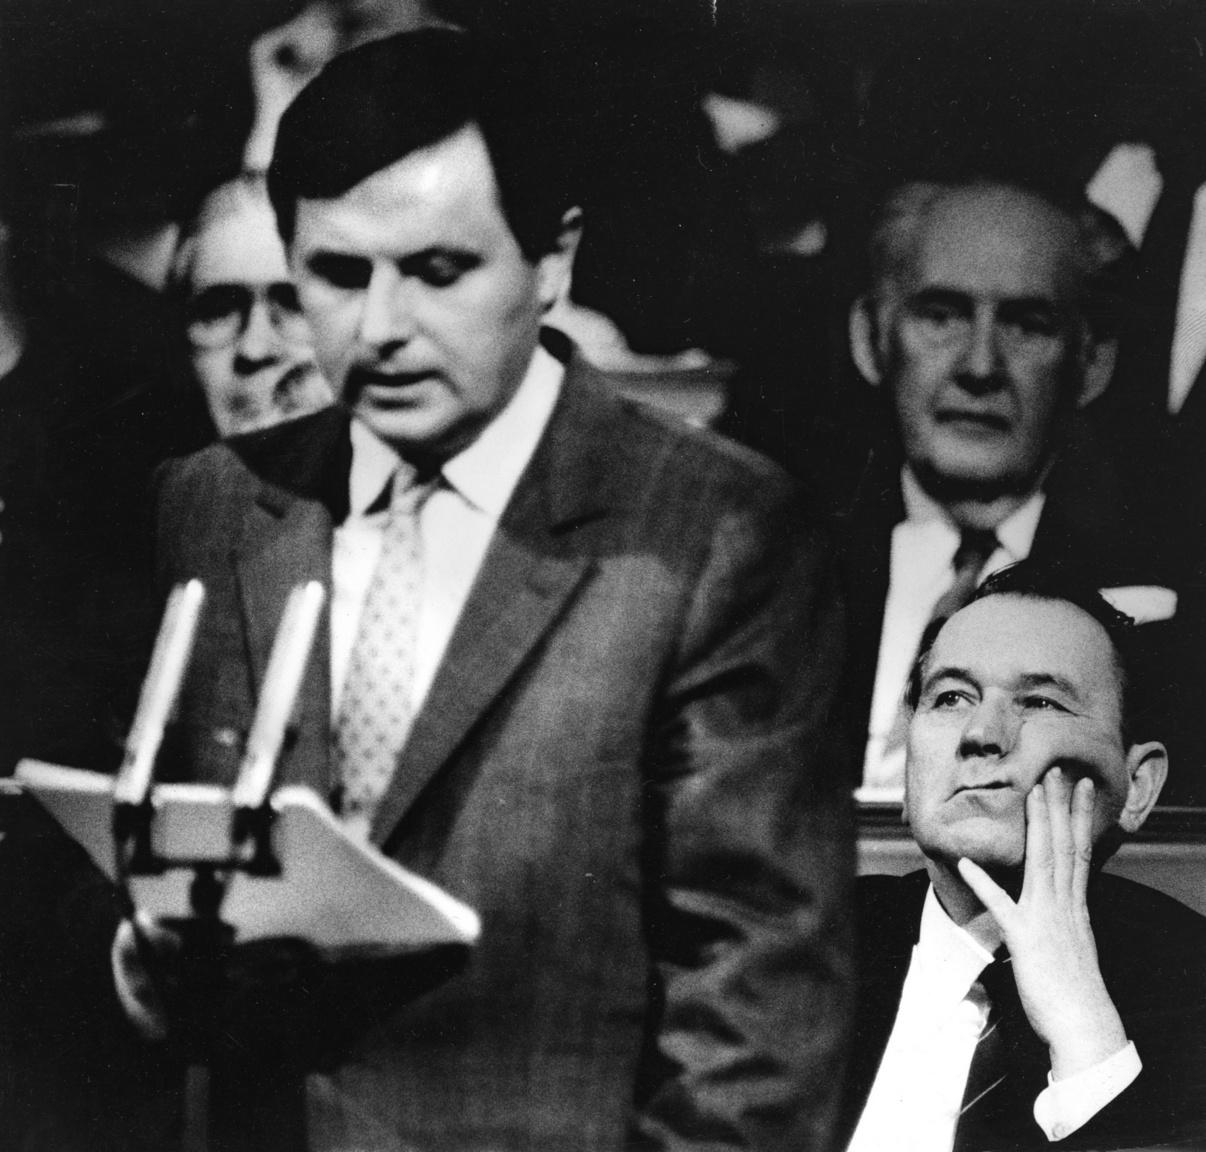 Németh Miklós miniszterelnök a Parlamentben. Jobbra tőle elődje Grósz Károly. Az év: 1989